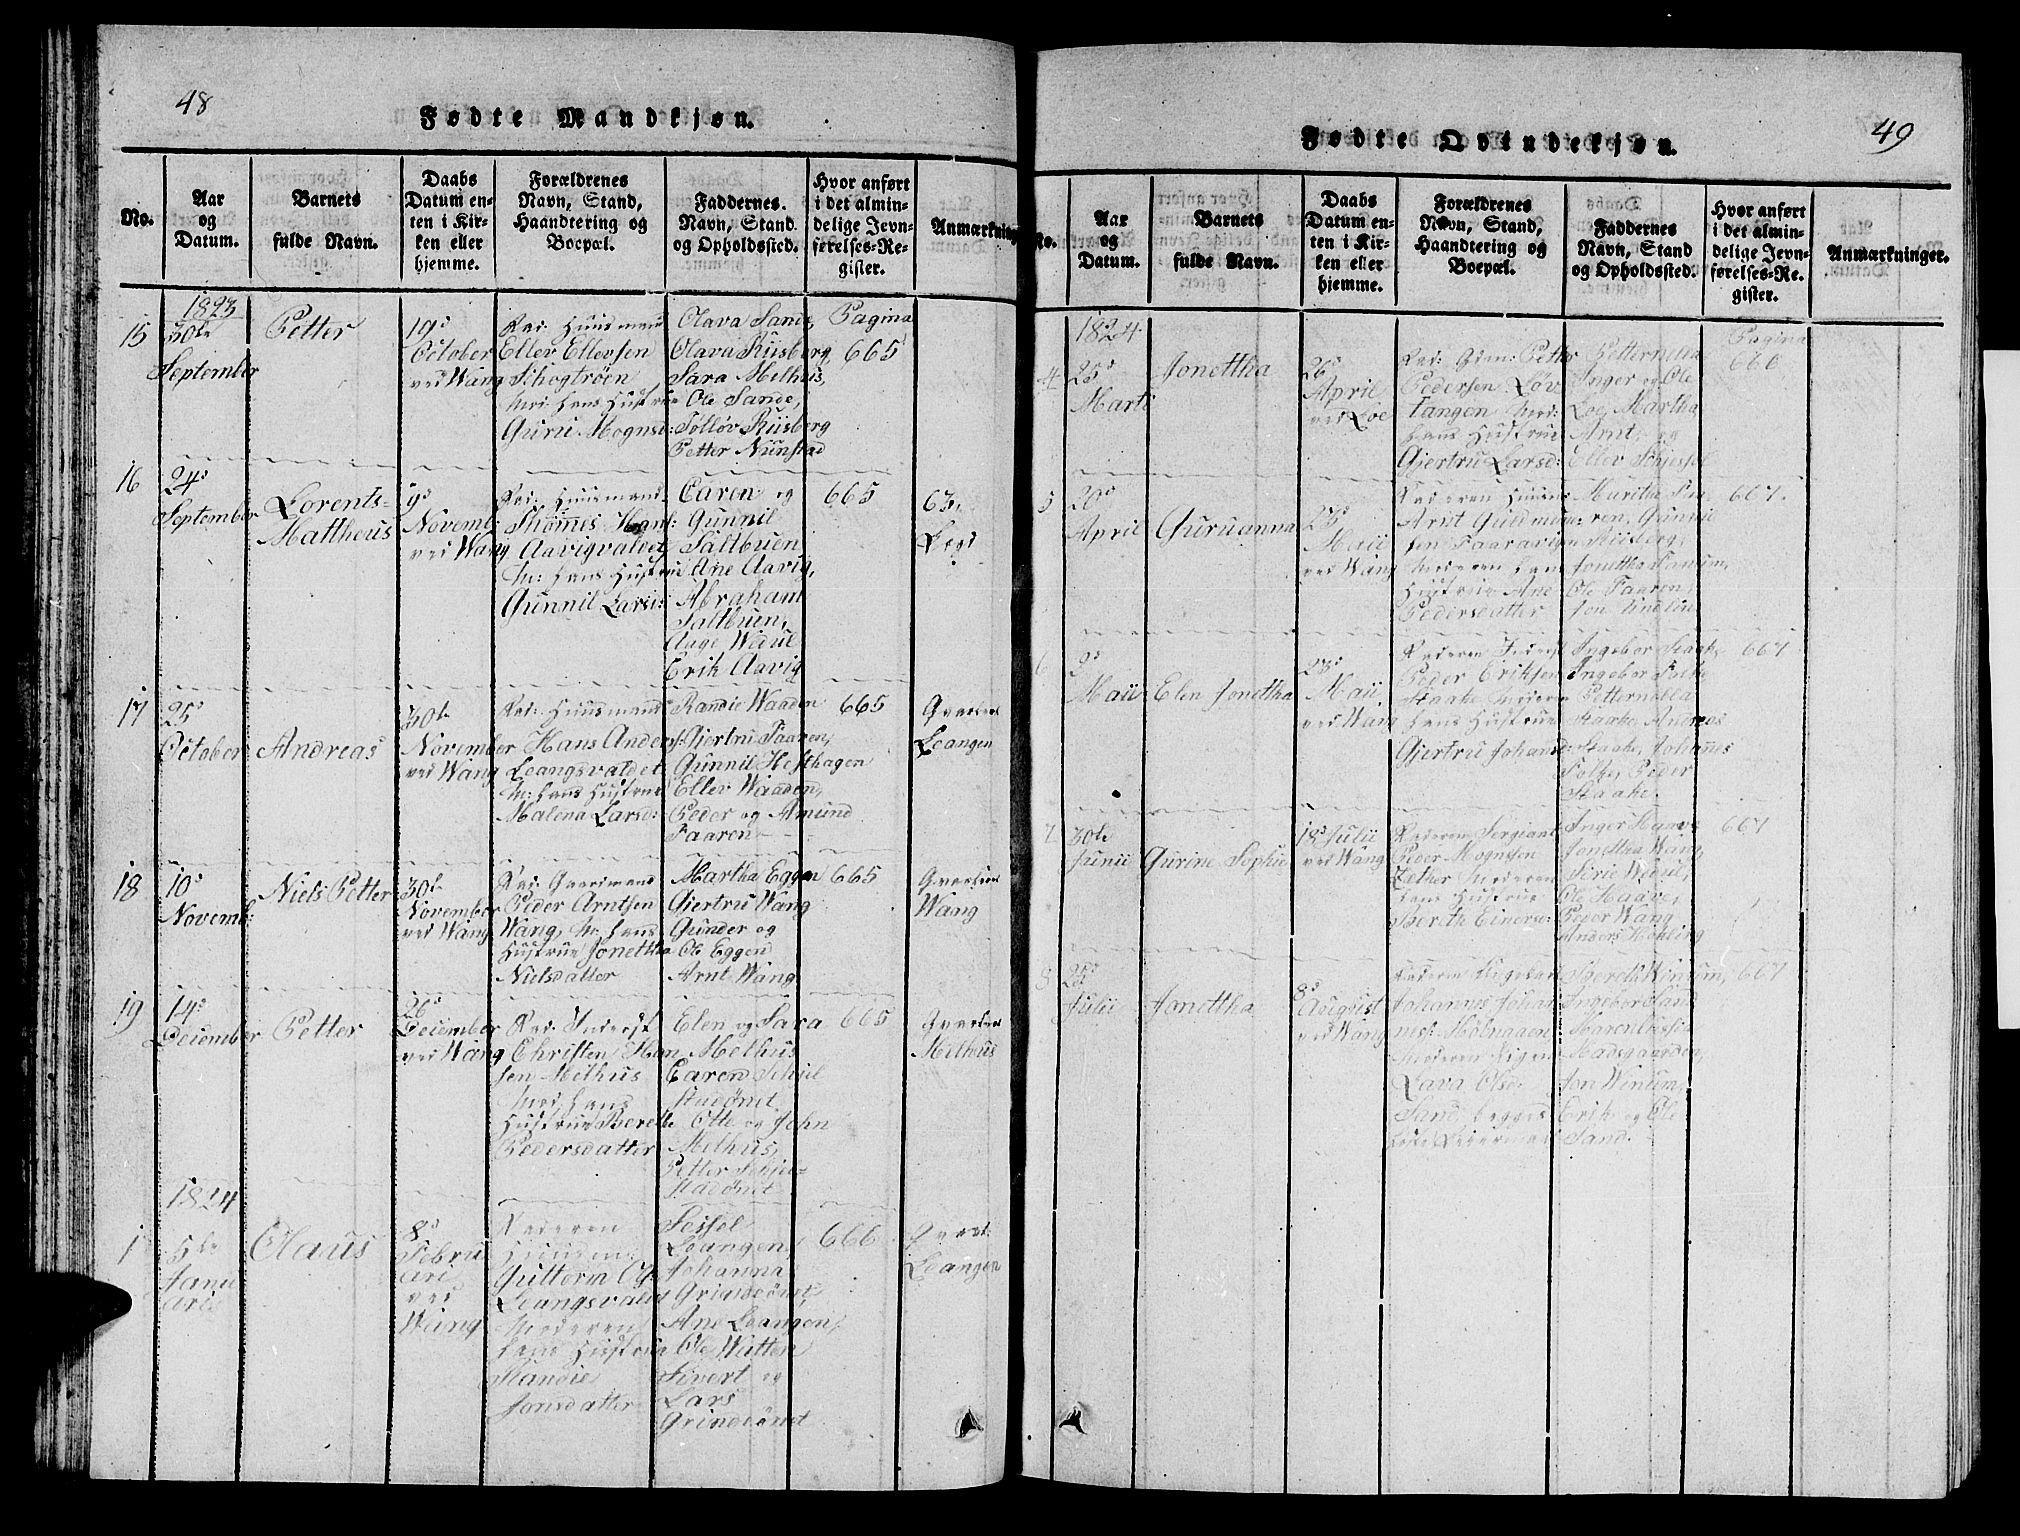 SAT, Ministerialprotokoller, klokkerbøker og fødselsregistre - Nord-Trøndelag, 714/L0132: Klokkerbok nr. 714C01, 1817-1824, s. 48-49